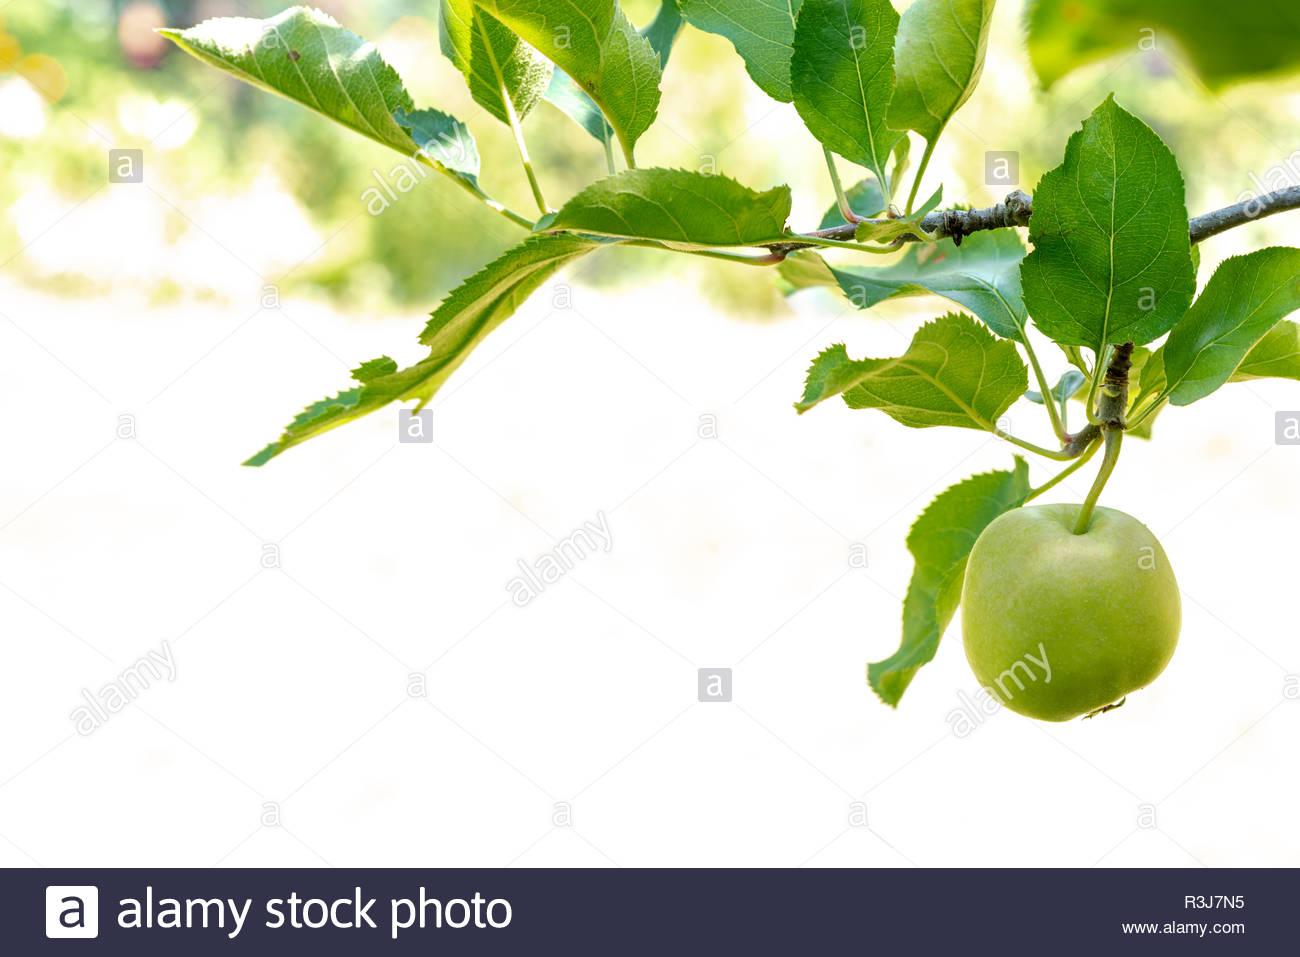 Frischer grüner reifer Apfel bei Sonnenschein mit Wassertropfen Stock Photo